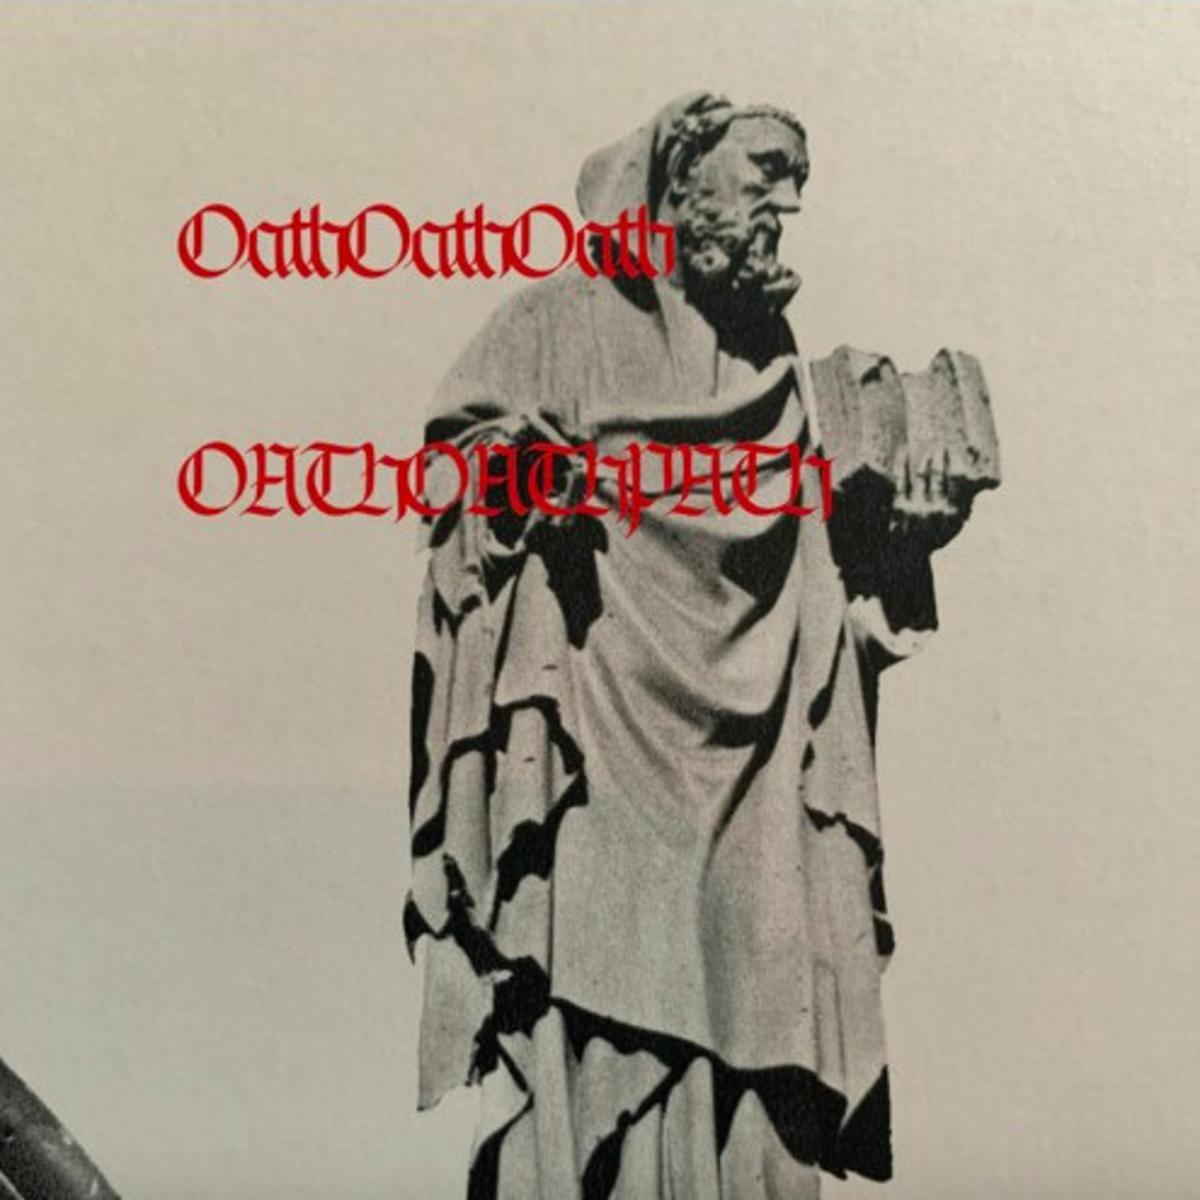 MP3: Camino - OATH